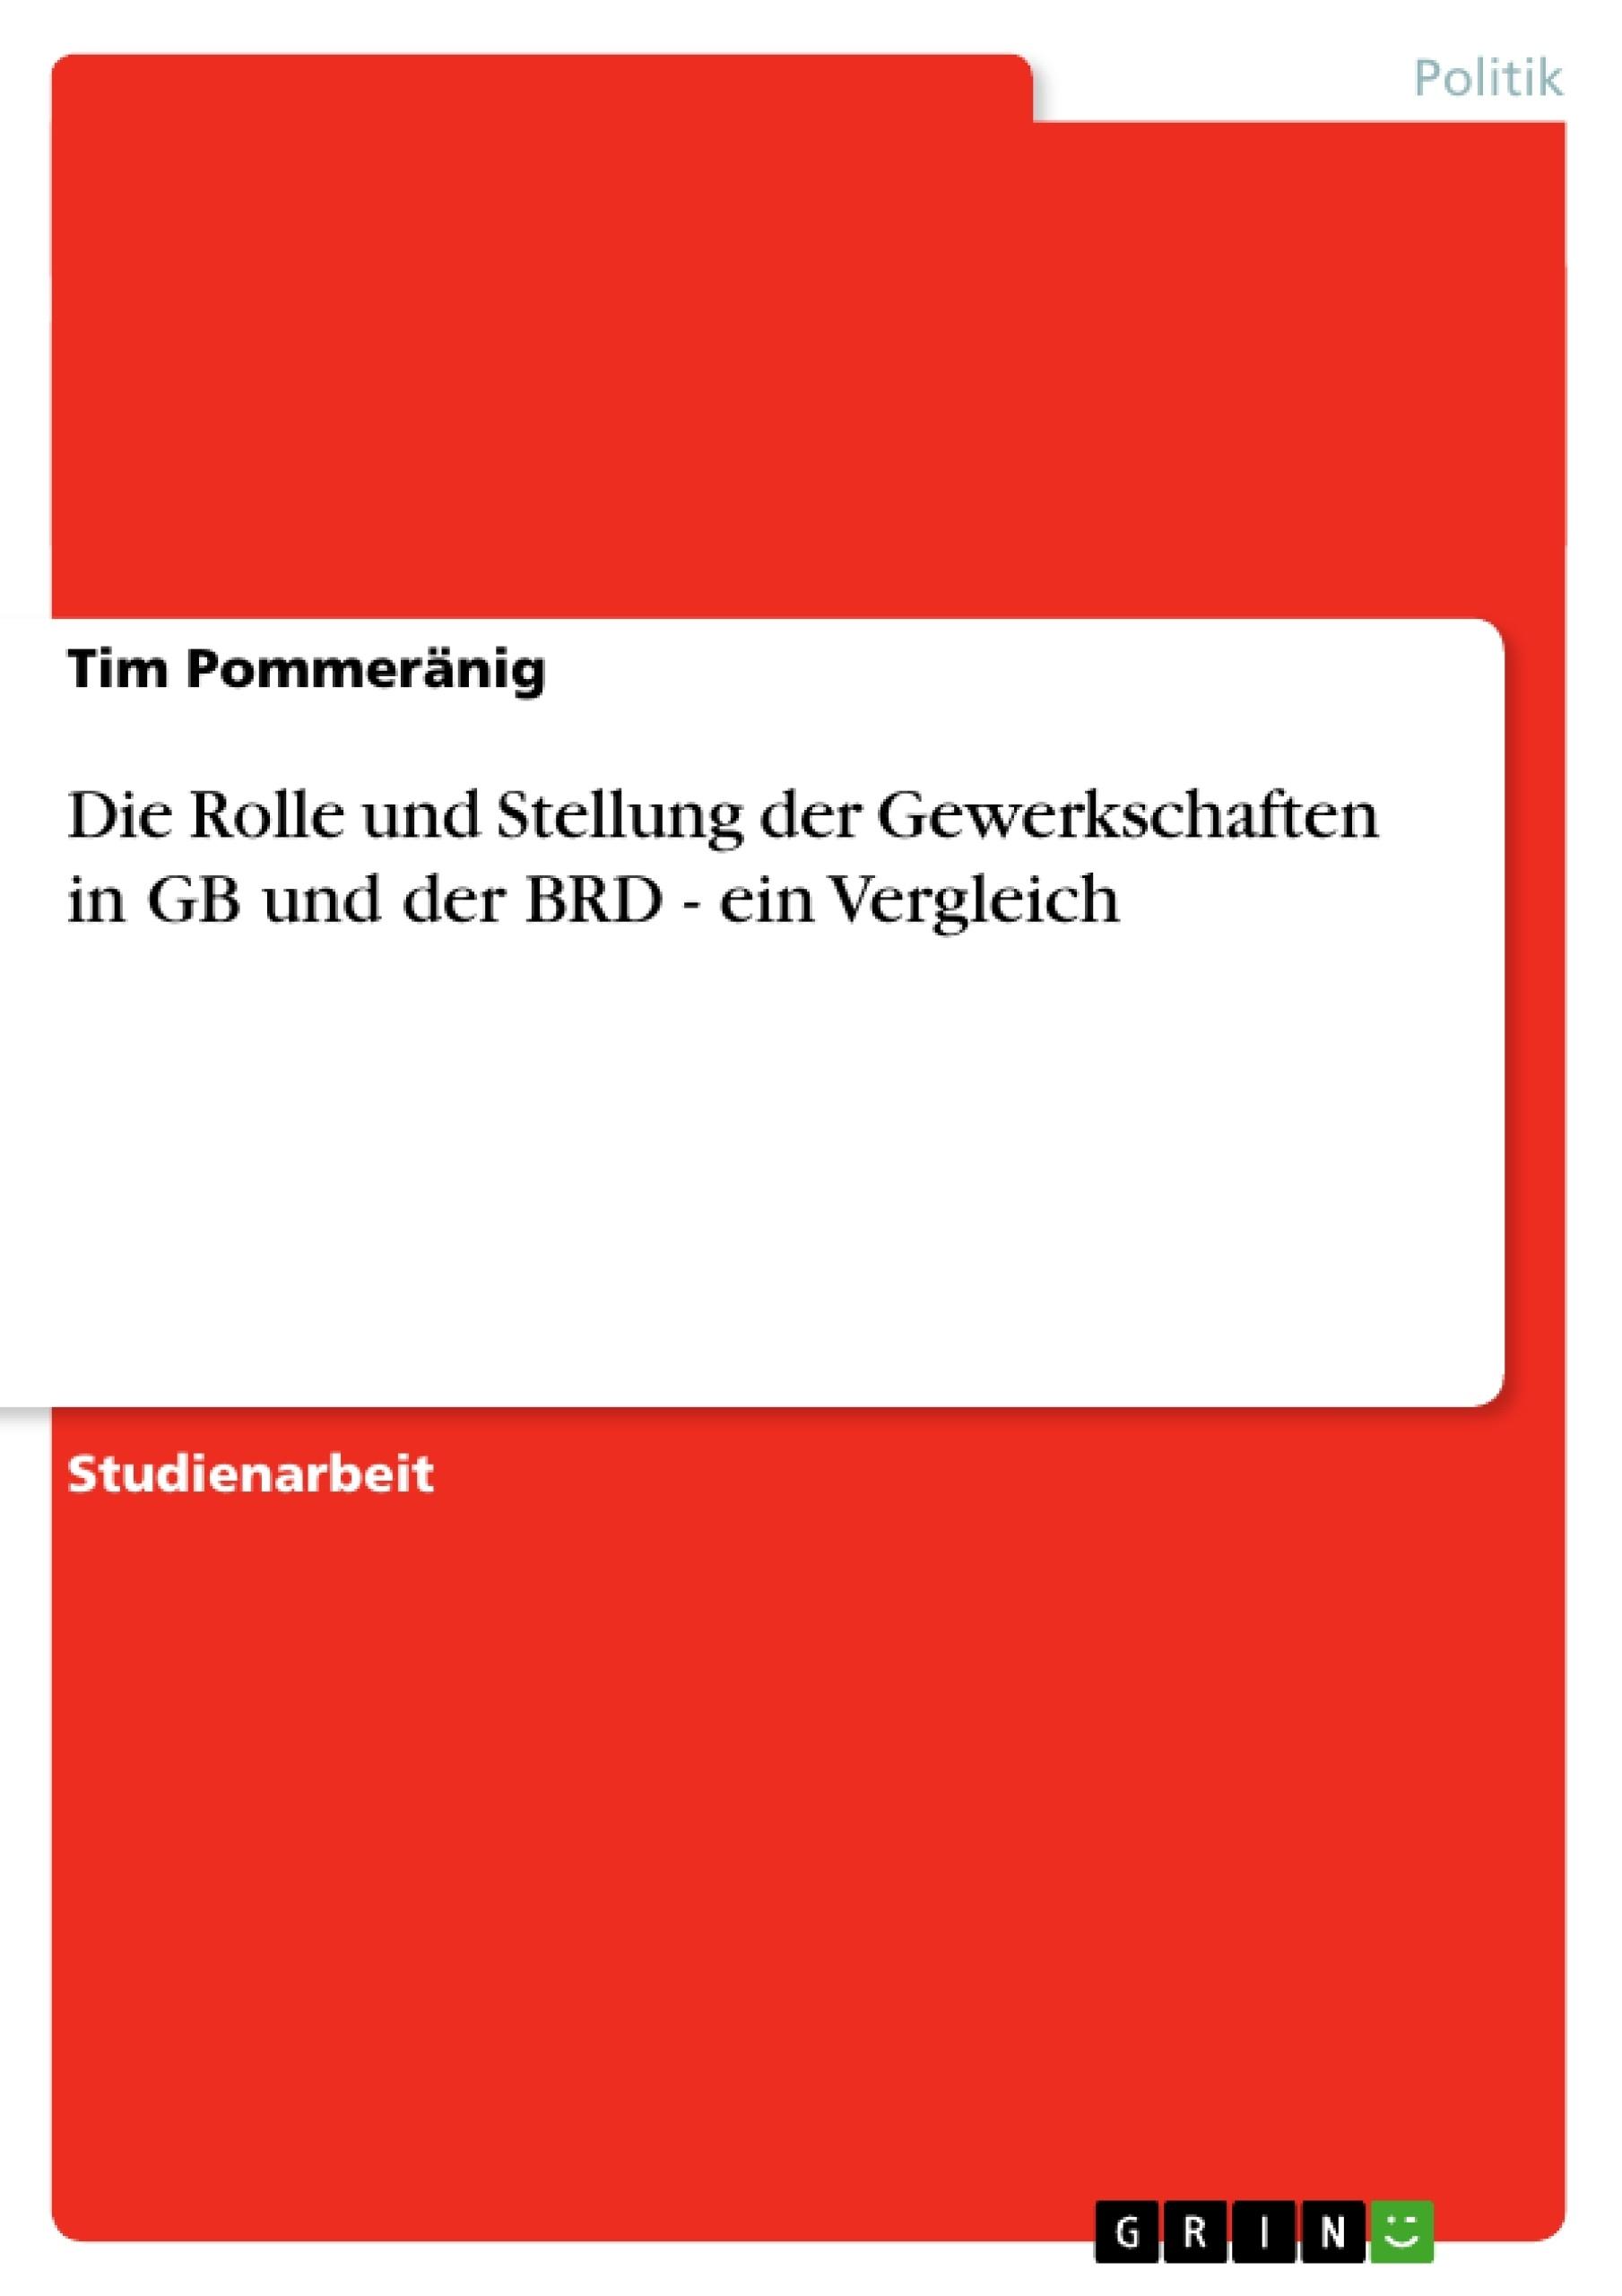 Titel: Die Rolle und Stellung der Gewerkschaften in GB und der BRD - ein Vergleich